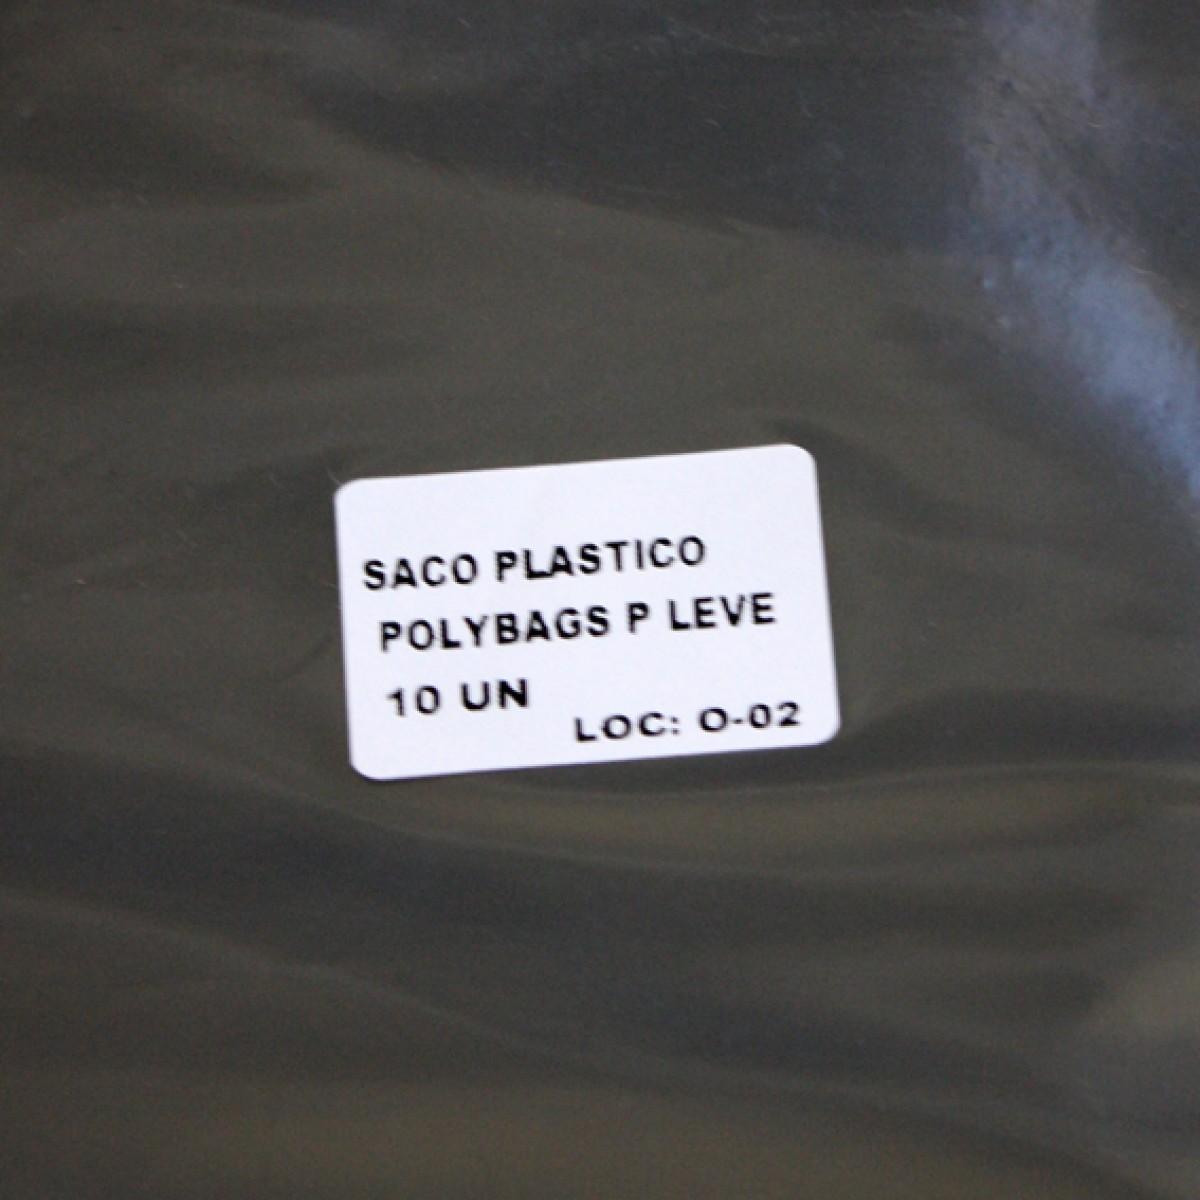 SACO PLASTICO POLYBAGS P LEVE COM 10 UNIDADES